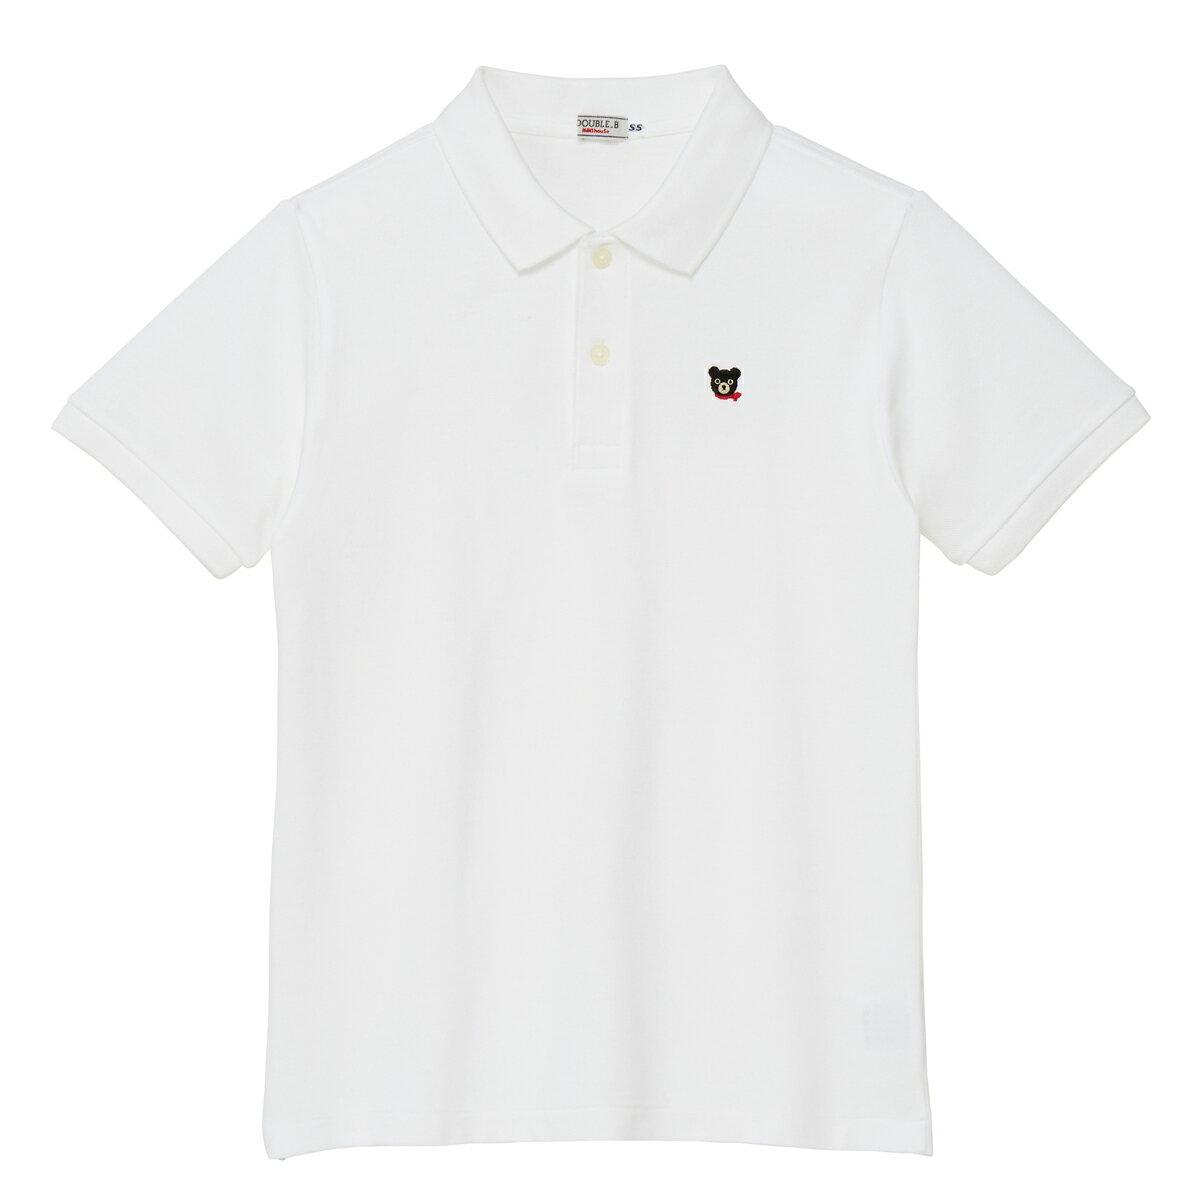 ミキハウス ダブルビー mikihouse Everyday Double_B 半袖ポロシャツ大人用〈SS-L(150cm-185cm)〉